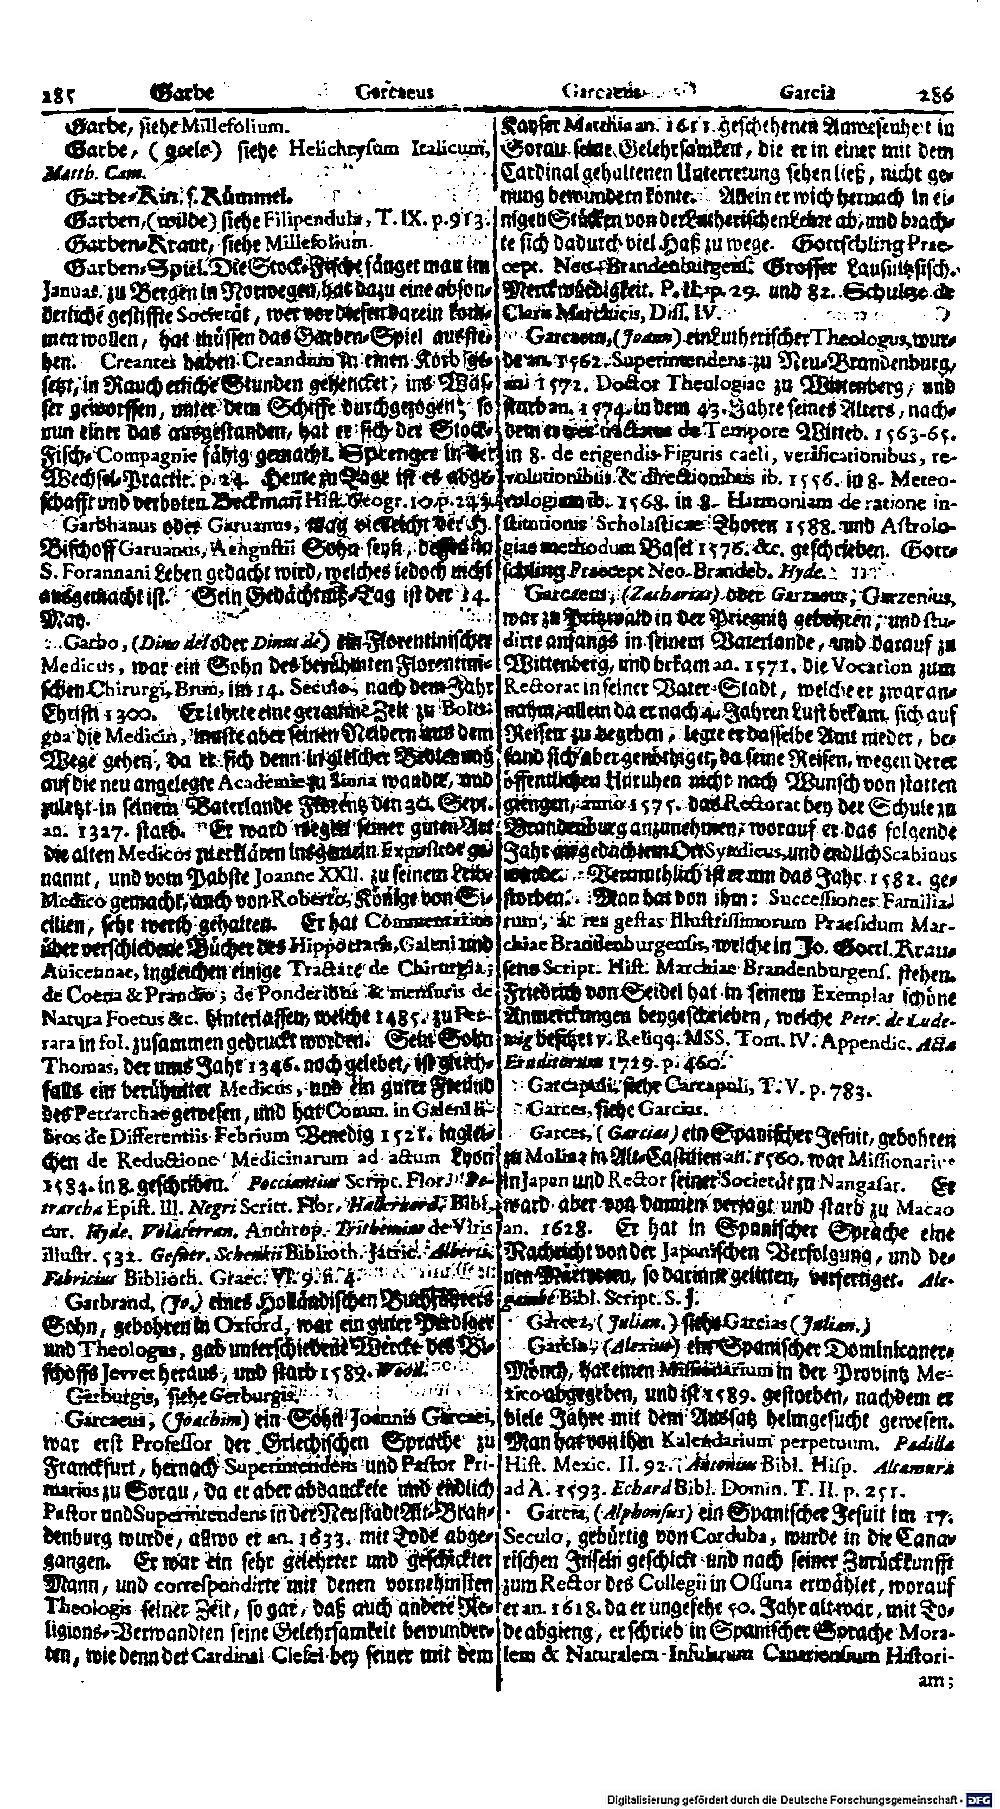 Bd. 10, Seite 0156.